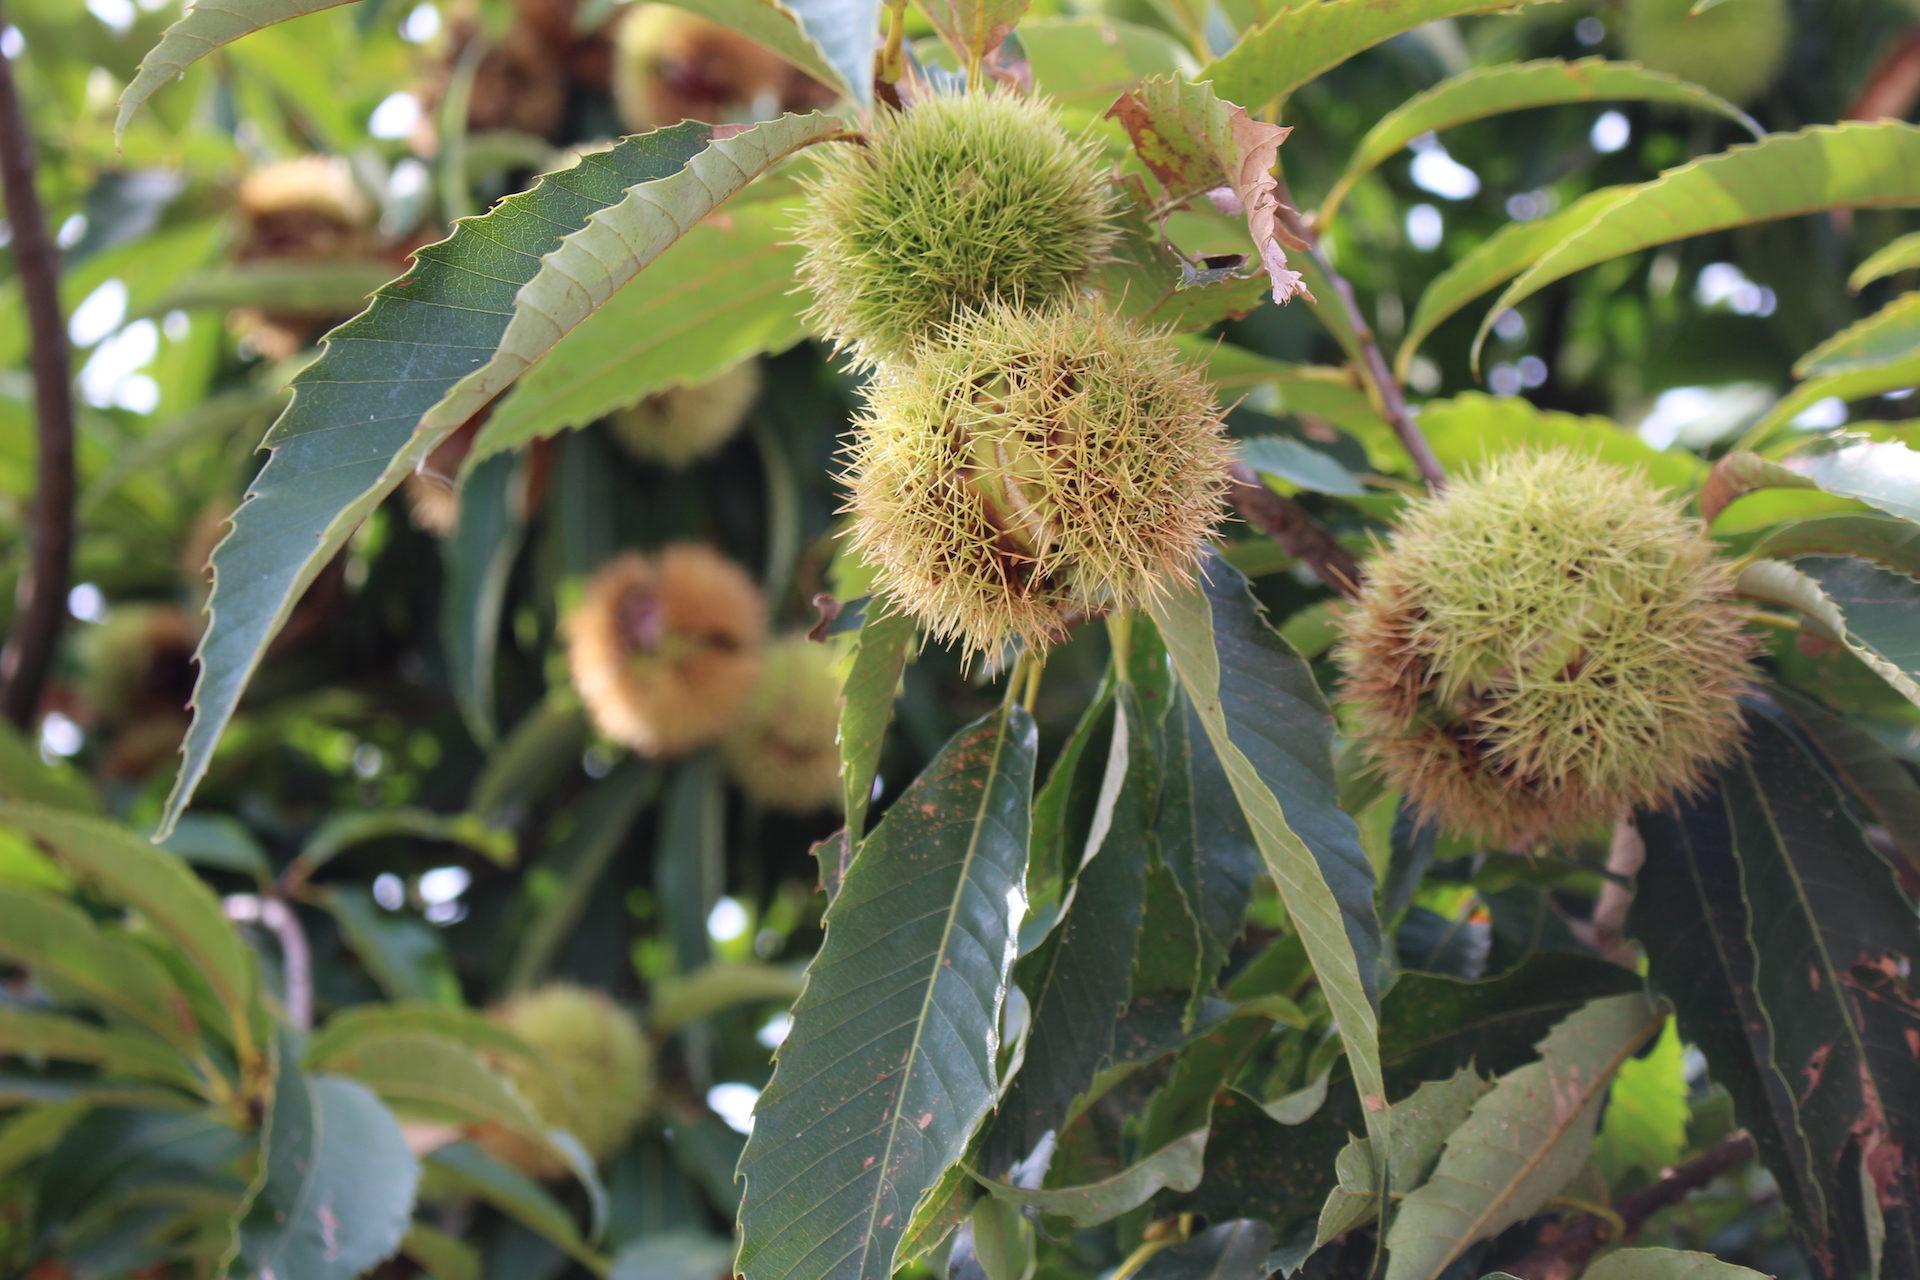 Baum, im Erdgeschoss, Blume, Braun, Obst - Wallpaper HD - Prof.-falken.com